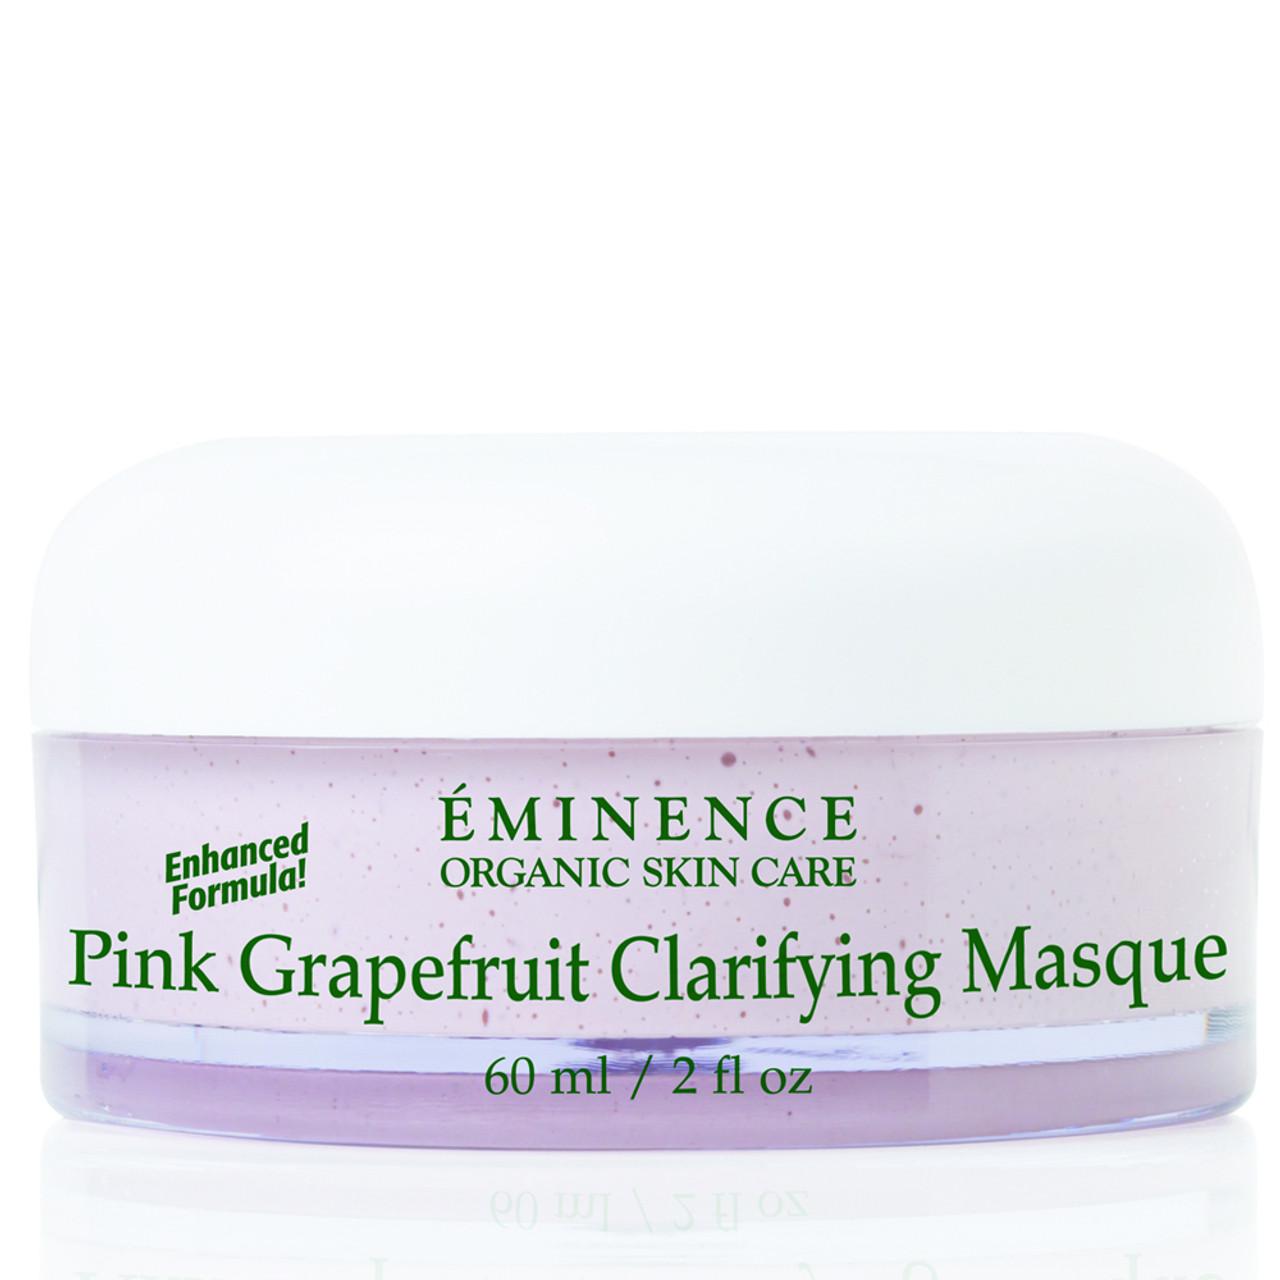 Eminence Pink Grapefruit Clarifying Masque